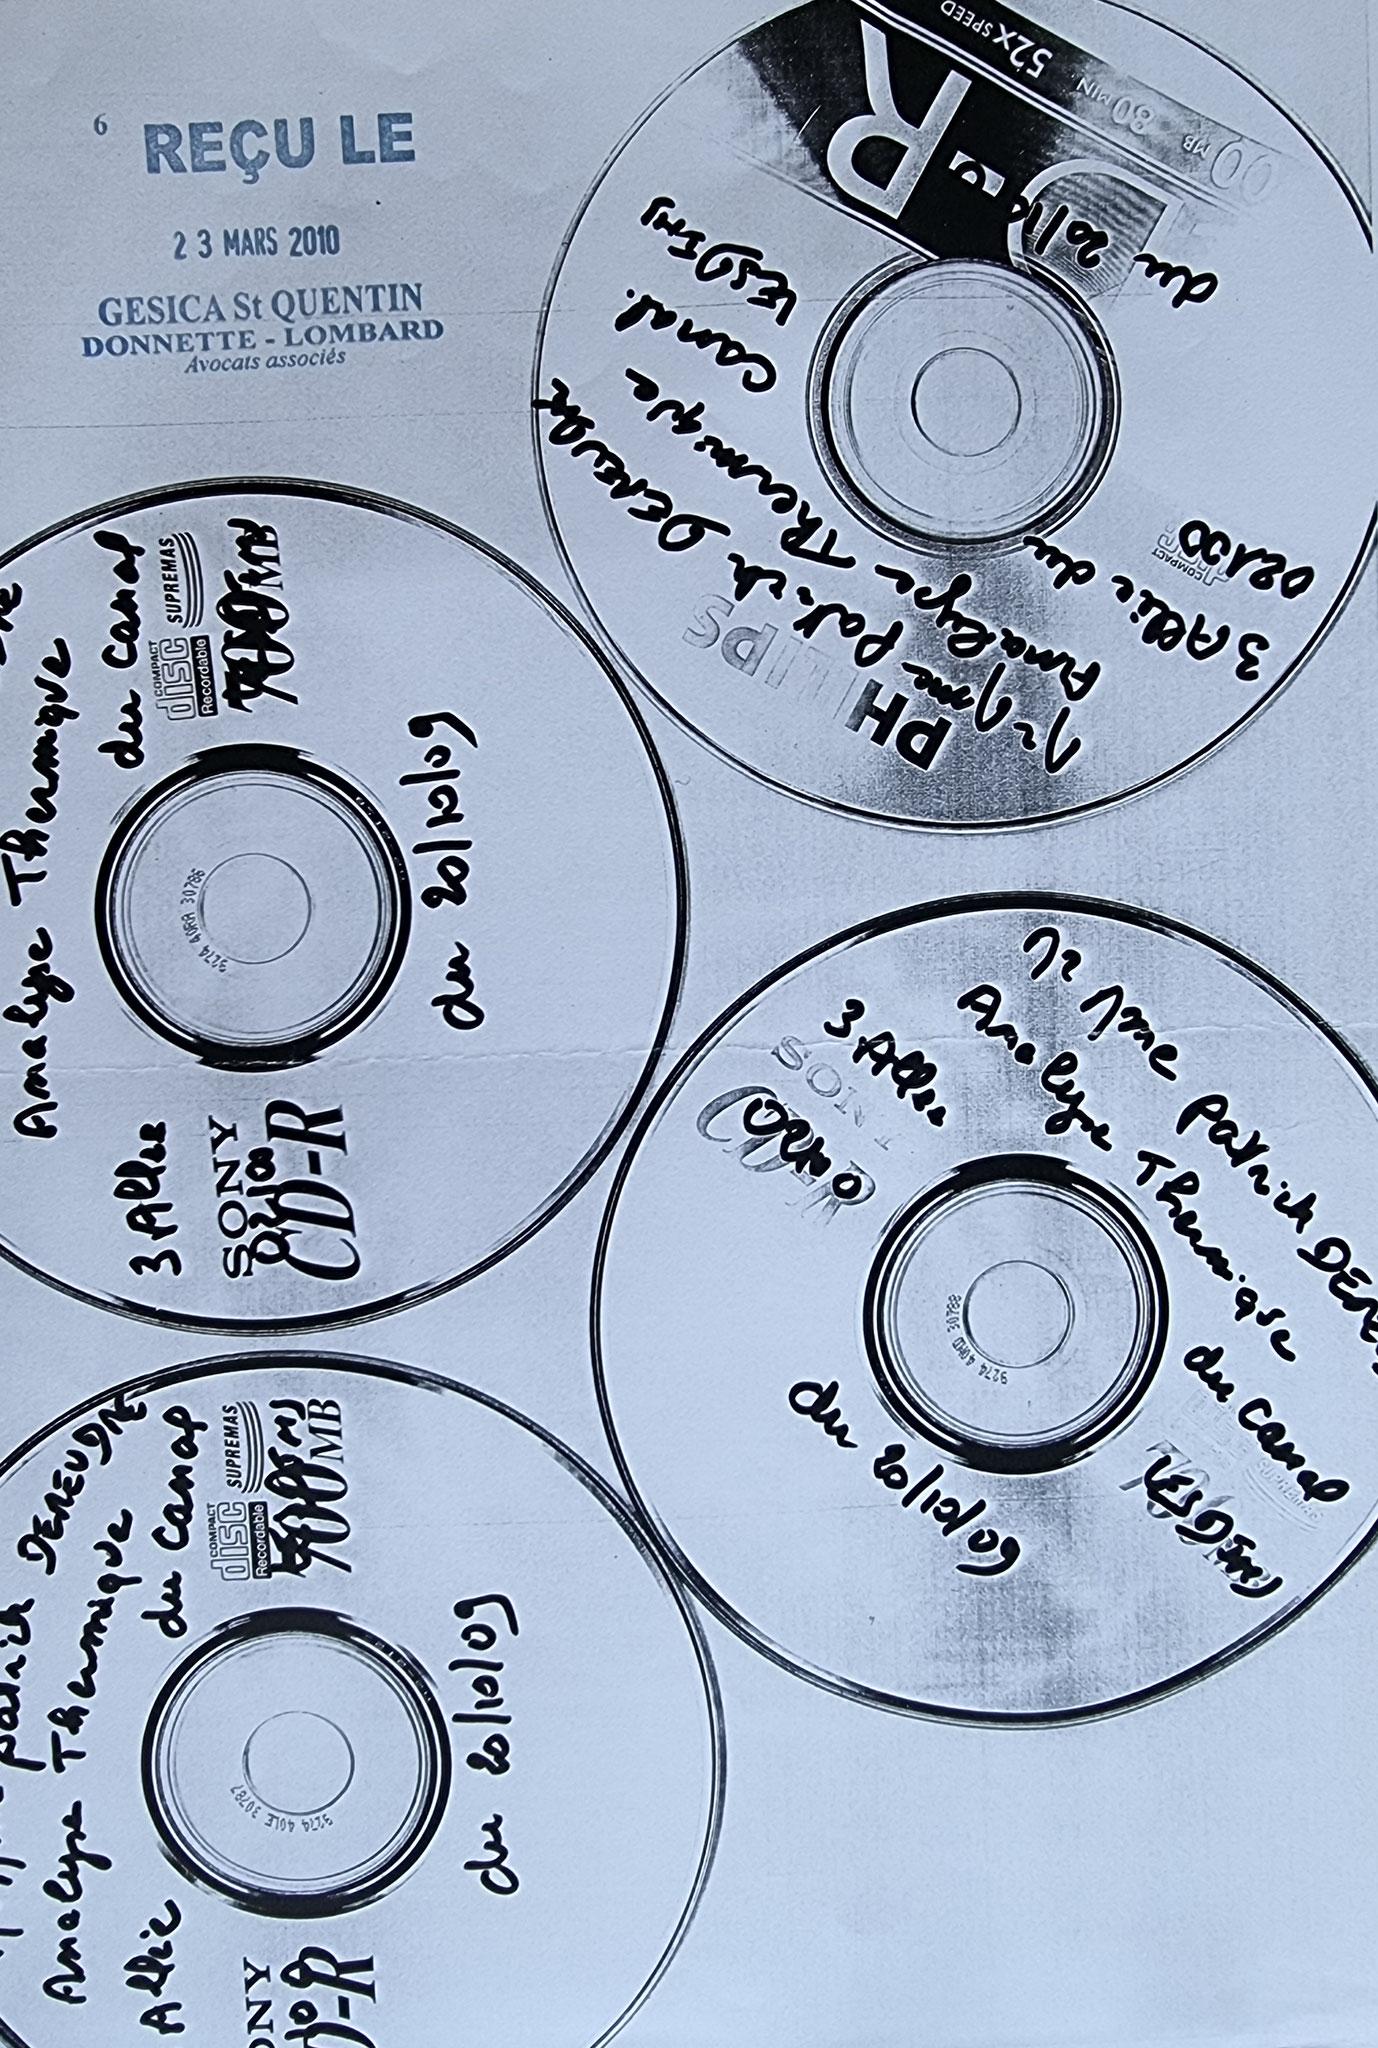 Le 23 Mars 2010 je remet au secrétariat d eMaître Christophe DONNETTE du courrier  fait en double exemplaire contre cachet.     BORDERLINE   EXPERTISES JUDICIAIRES ENTRE COPAINS...  www.jesuispatrick.fr